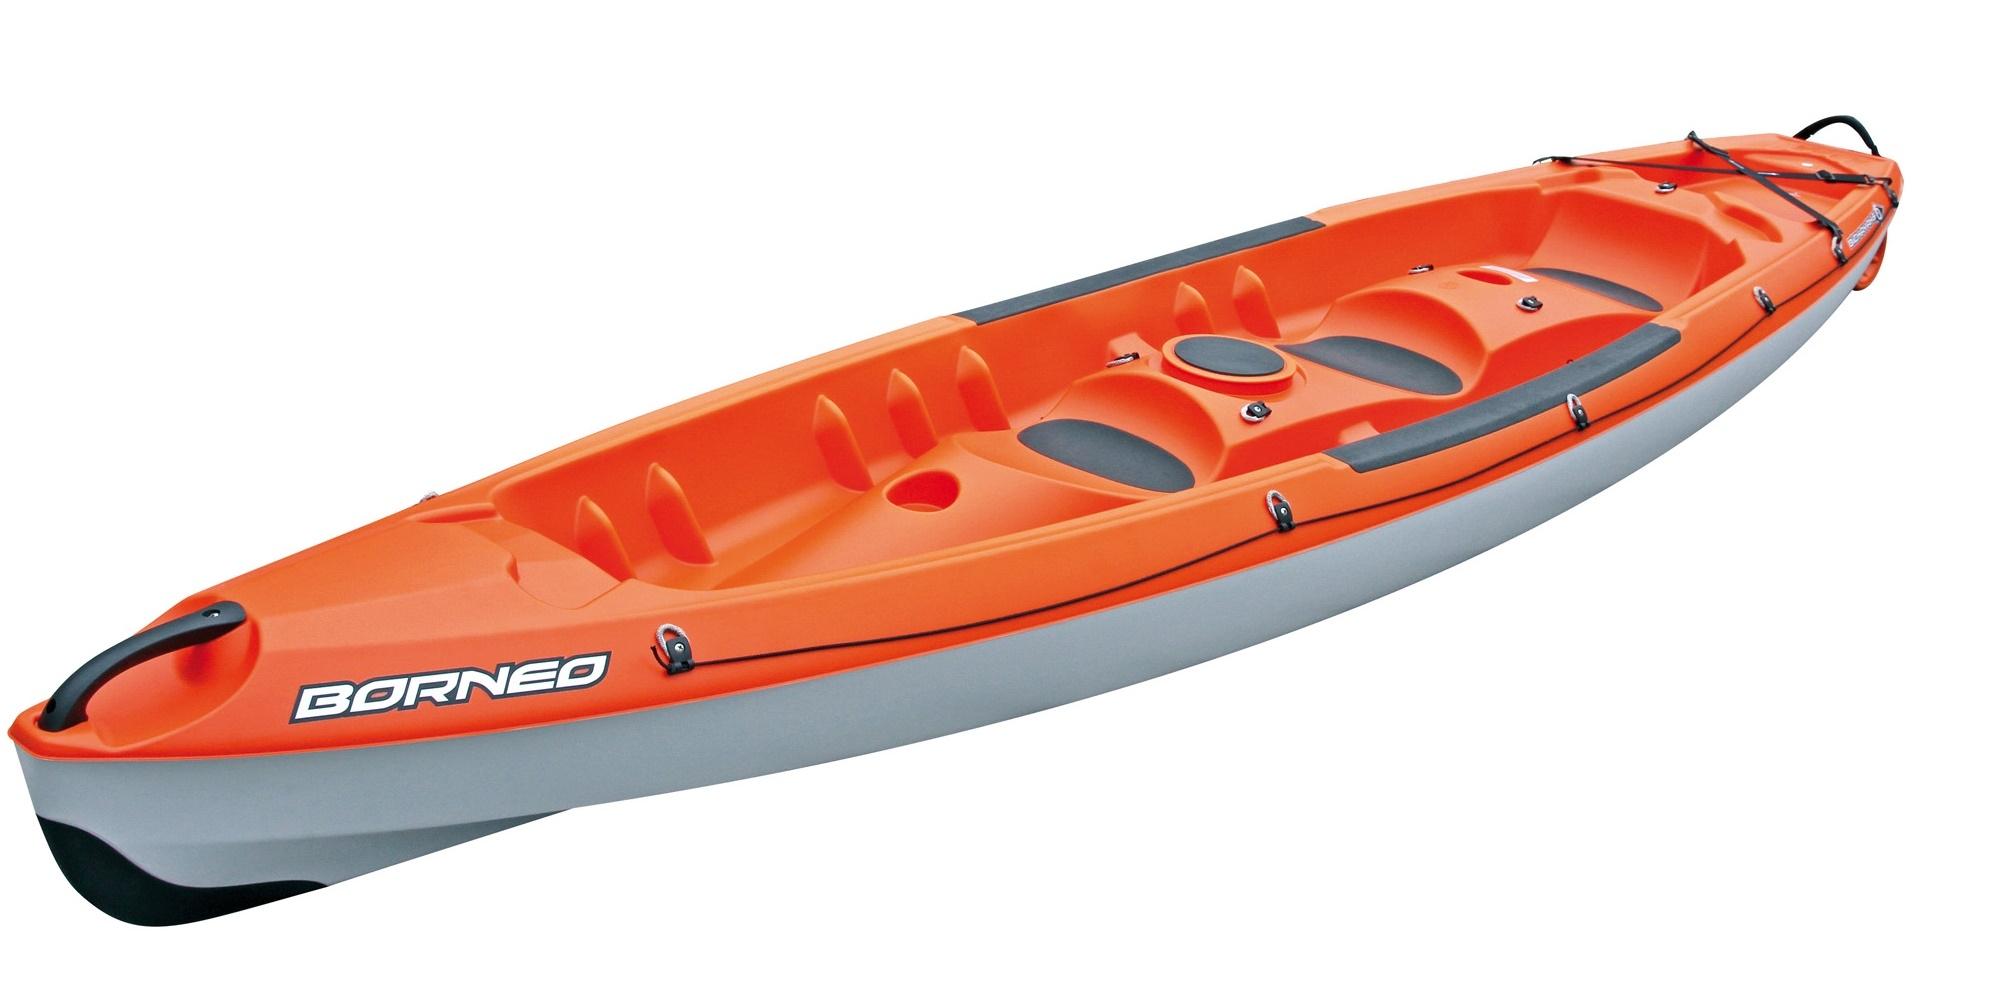 Migliori canoe a 2 posti, recensioni, offerte, scegli la migliore! di Novembre 2019